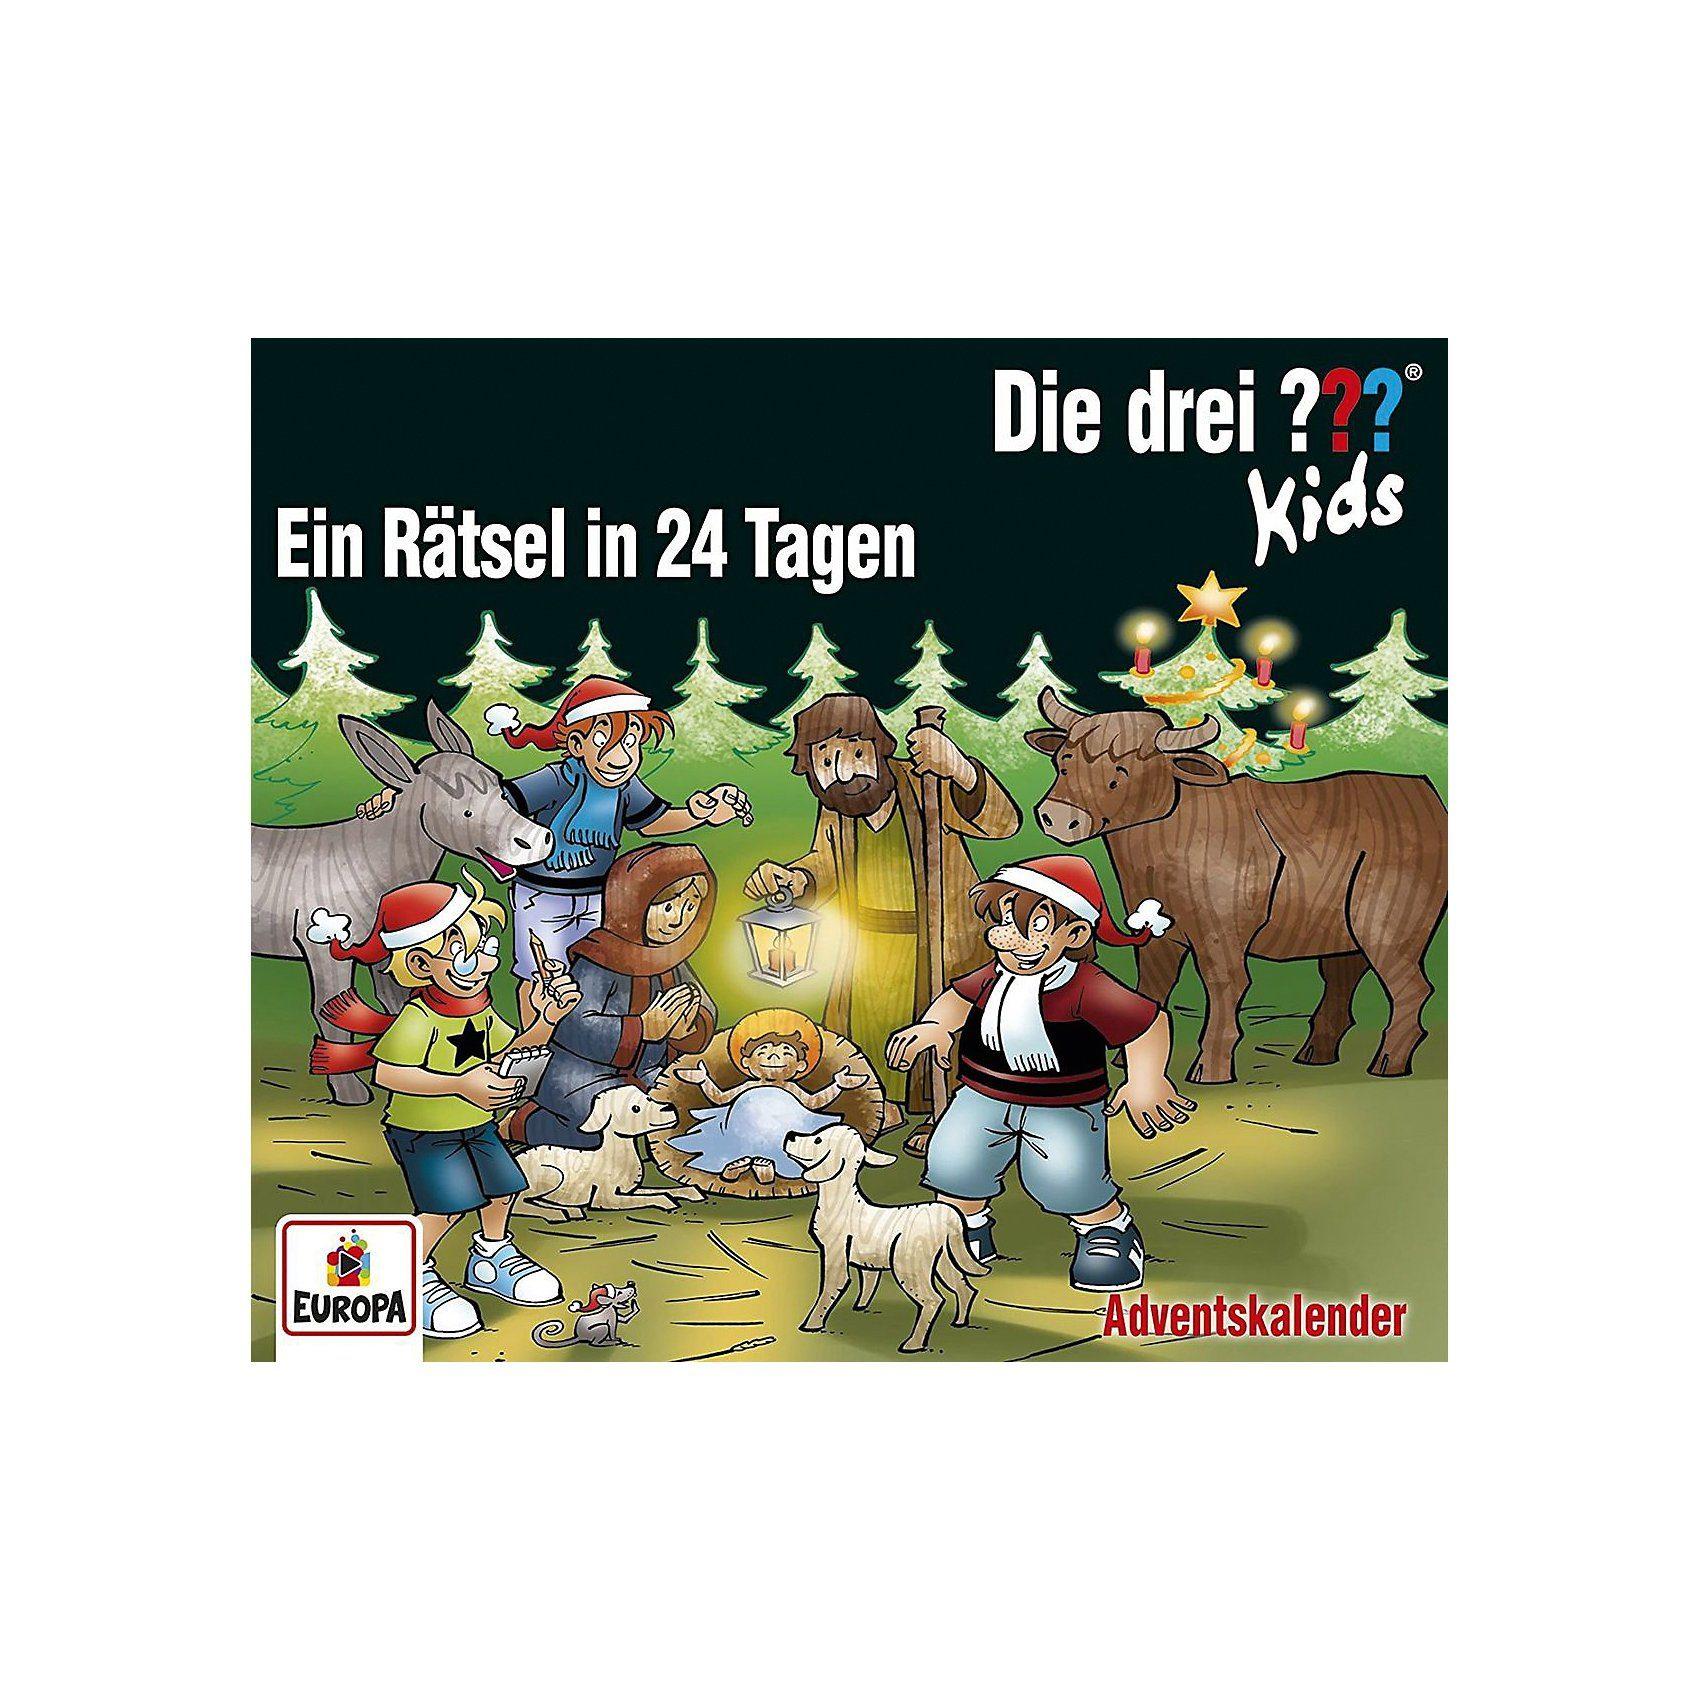 Sony CD Die drei ??? Kids Adventskalender - Ein Rätsel in 24 Tage